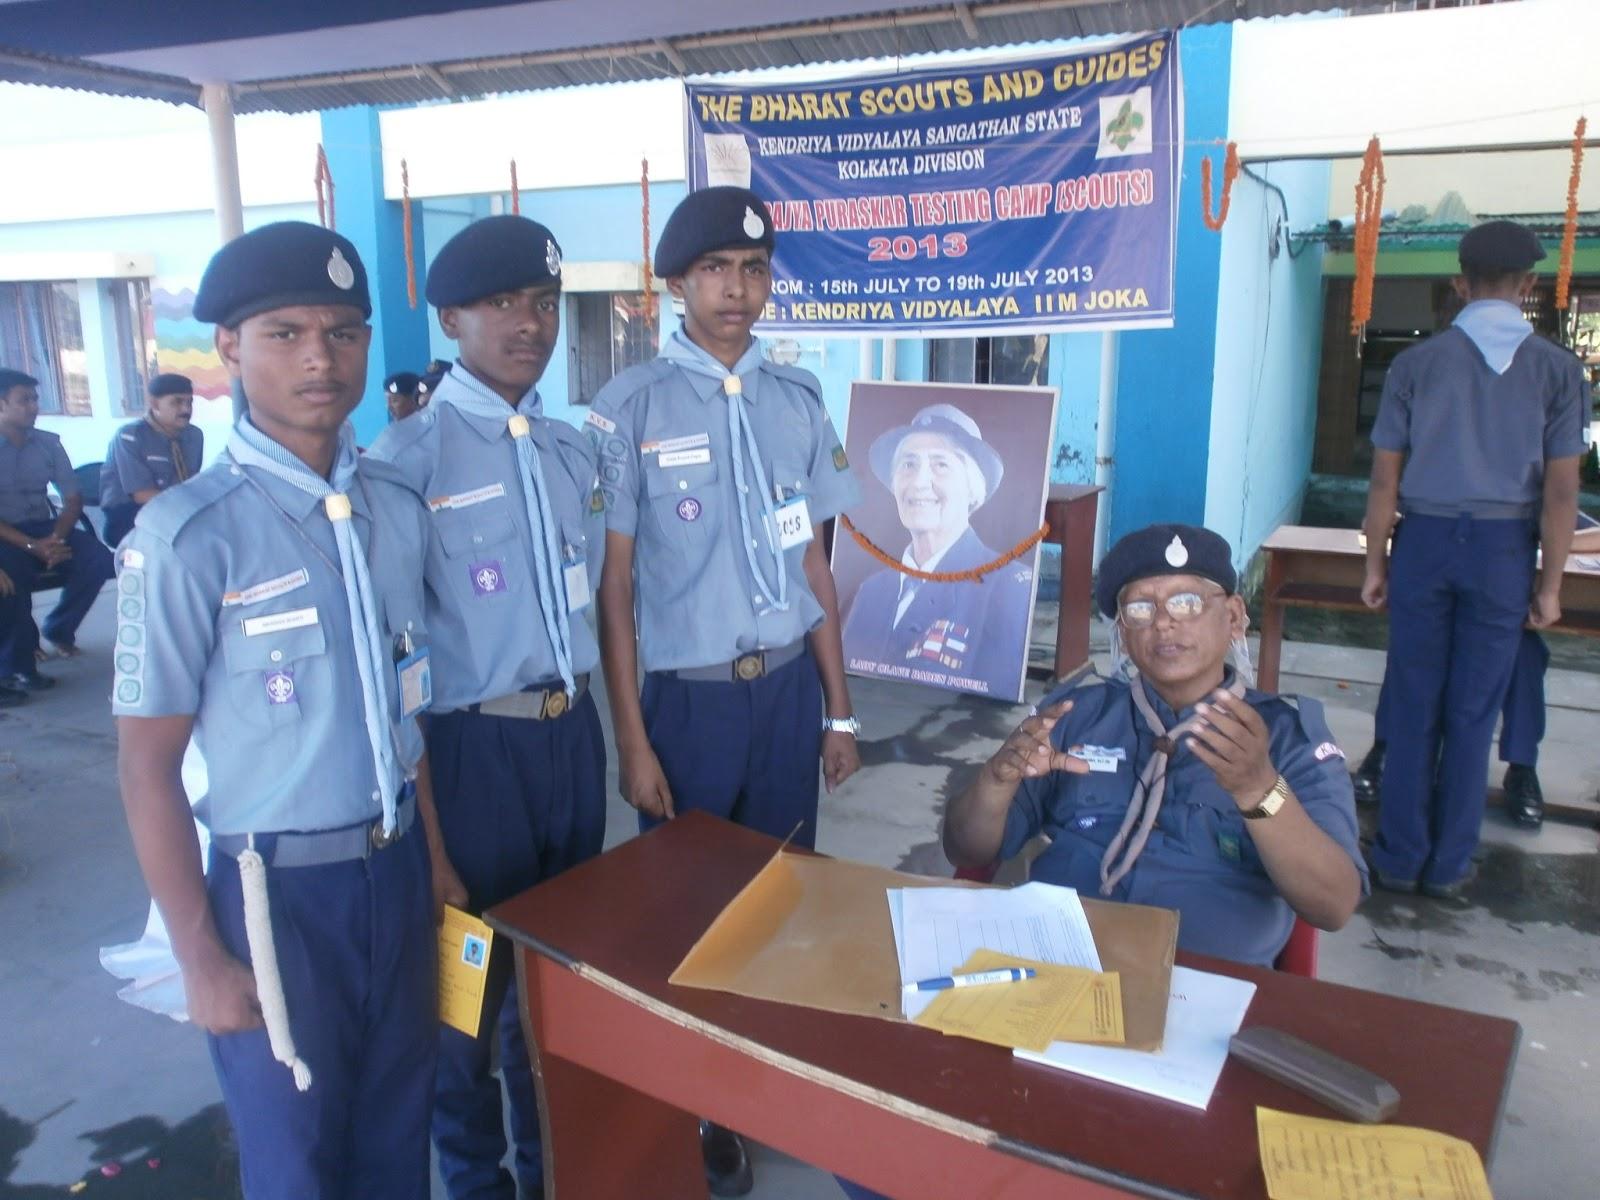 kendriya vidyalaya sangathan bharat scouts guides rajya puraskar rh kvsbsg blogspot com Bharat Scouts And Guides Uniform Logo Scouts And Guides